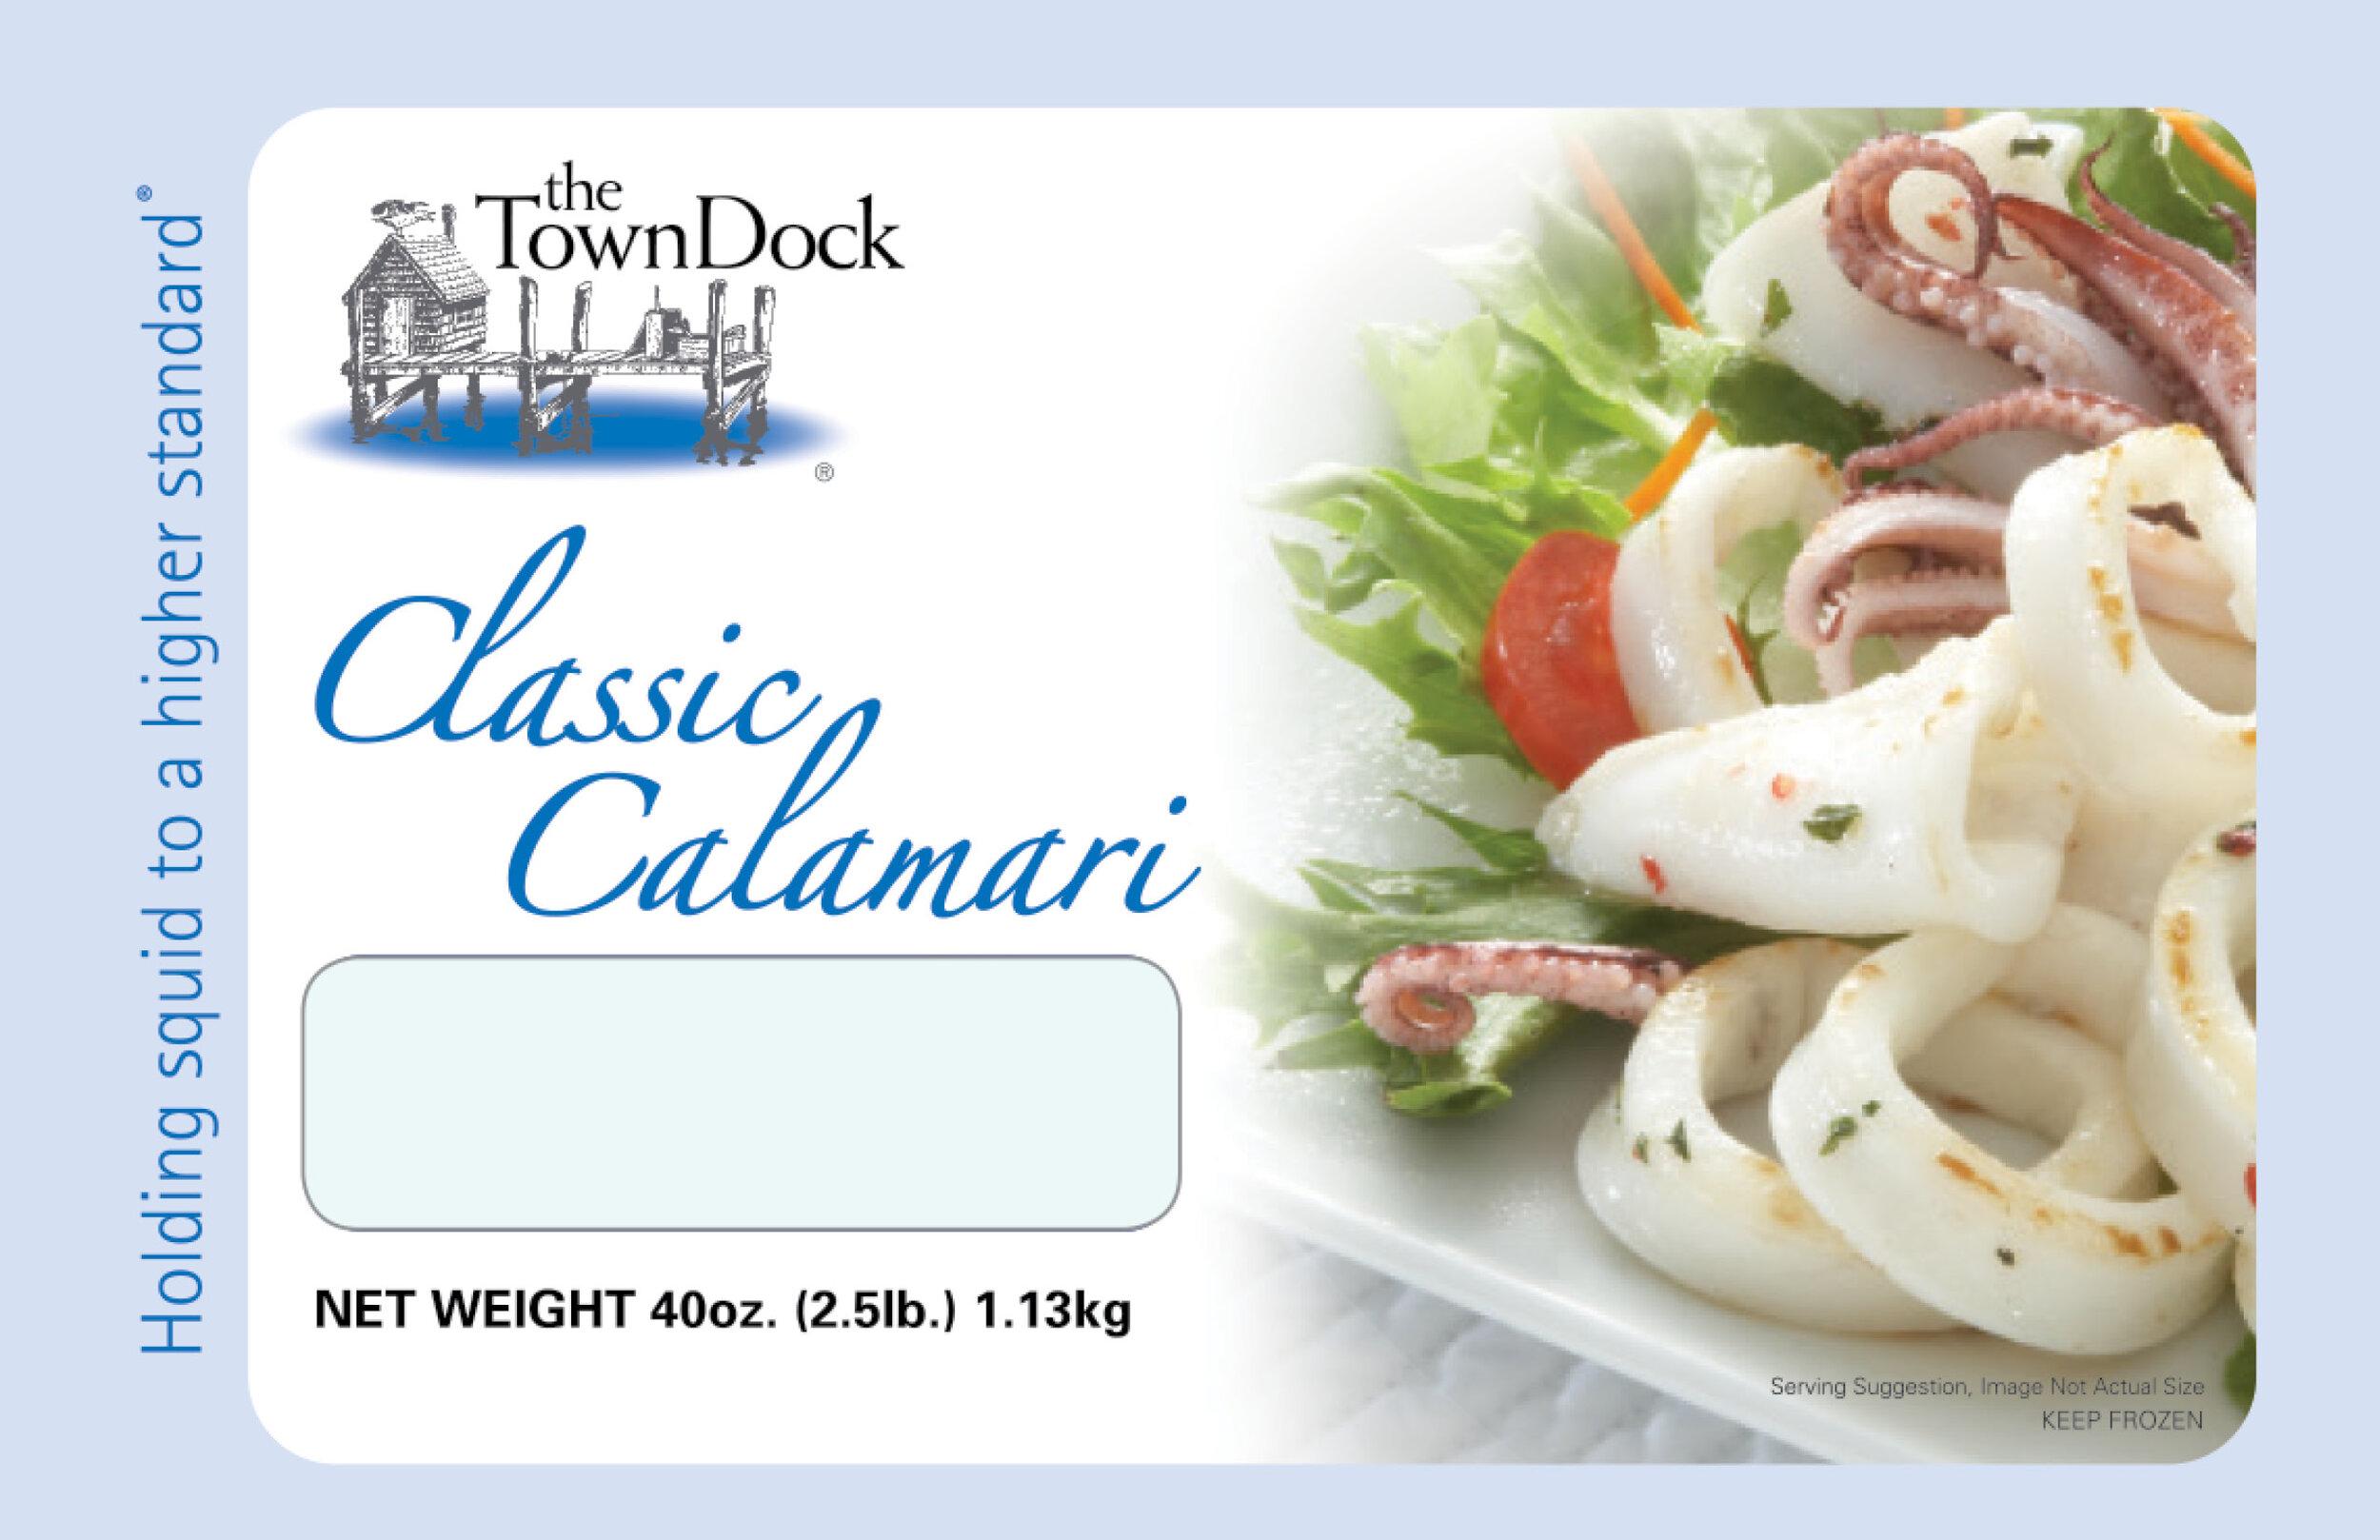 Classic Calamari